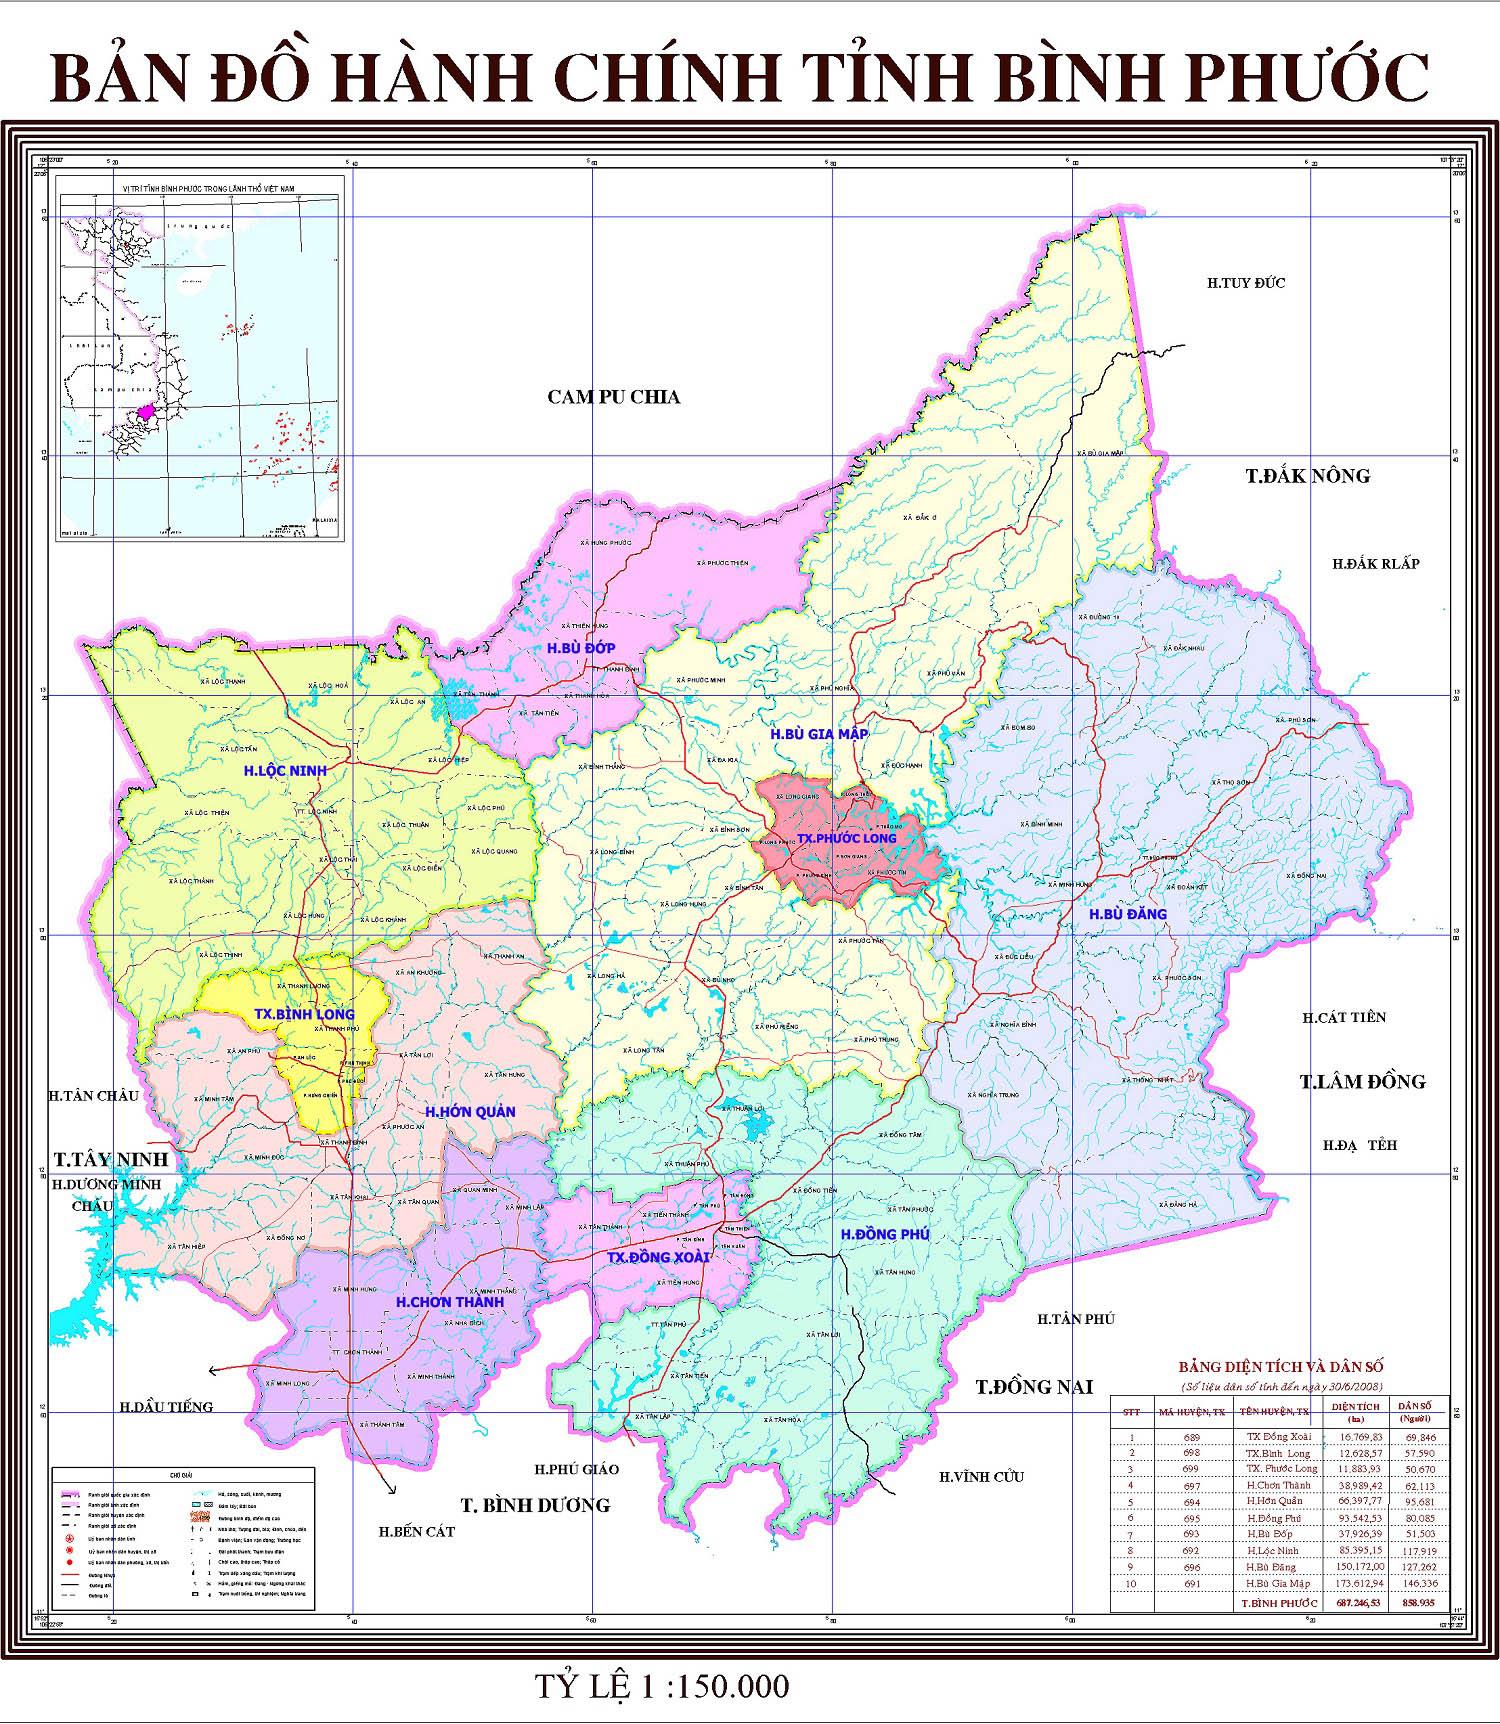 Bảng giá nhà đất Bình Phước từ năm 2015 đến 2020